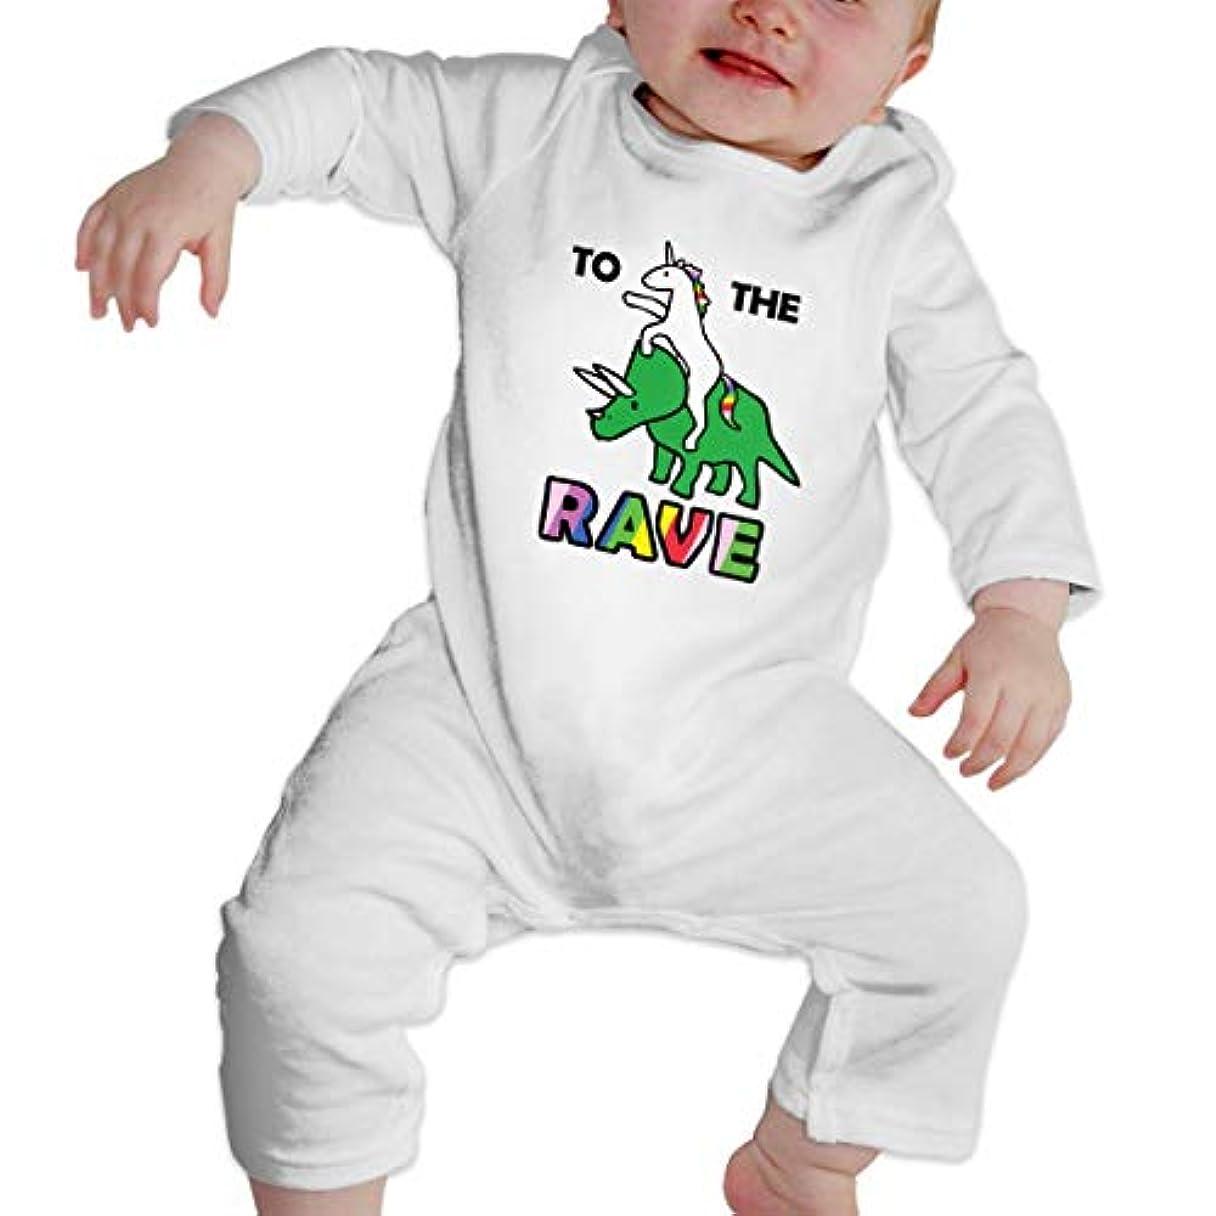 ホールドオールスズメバチ蒸し器To The Rave! (Unicorn Riding Triceratops) 女の赤ちゃん女の赤ちゃん長袖ジャンプスーツコットンプリントラウンドネックソフト通気性ジャンプスーツ底入れ